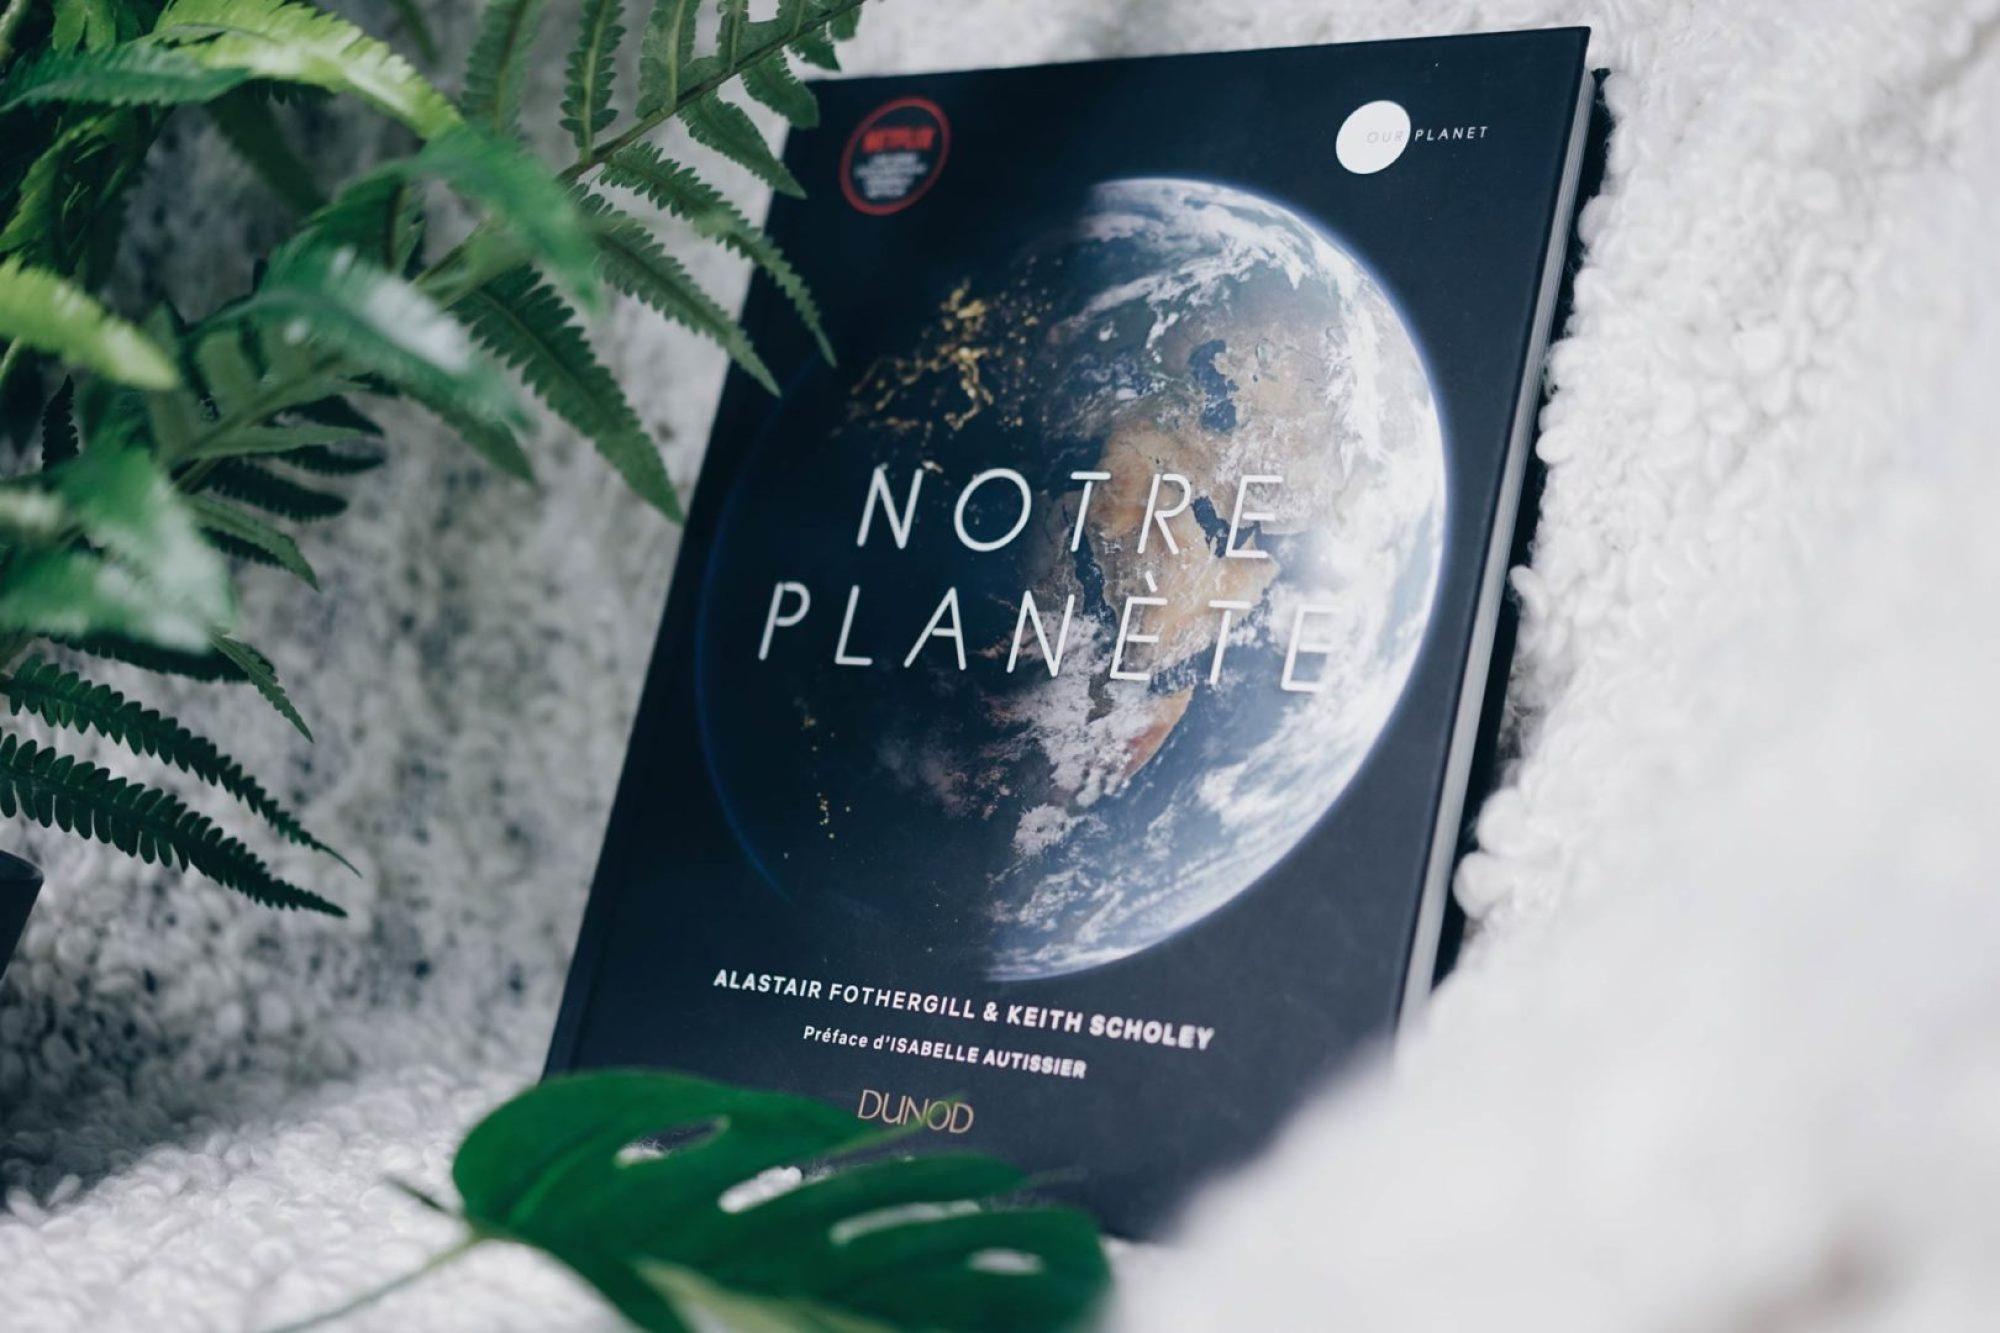 notre planete